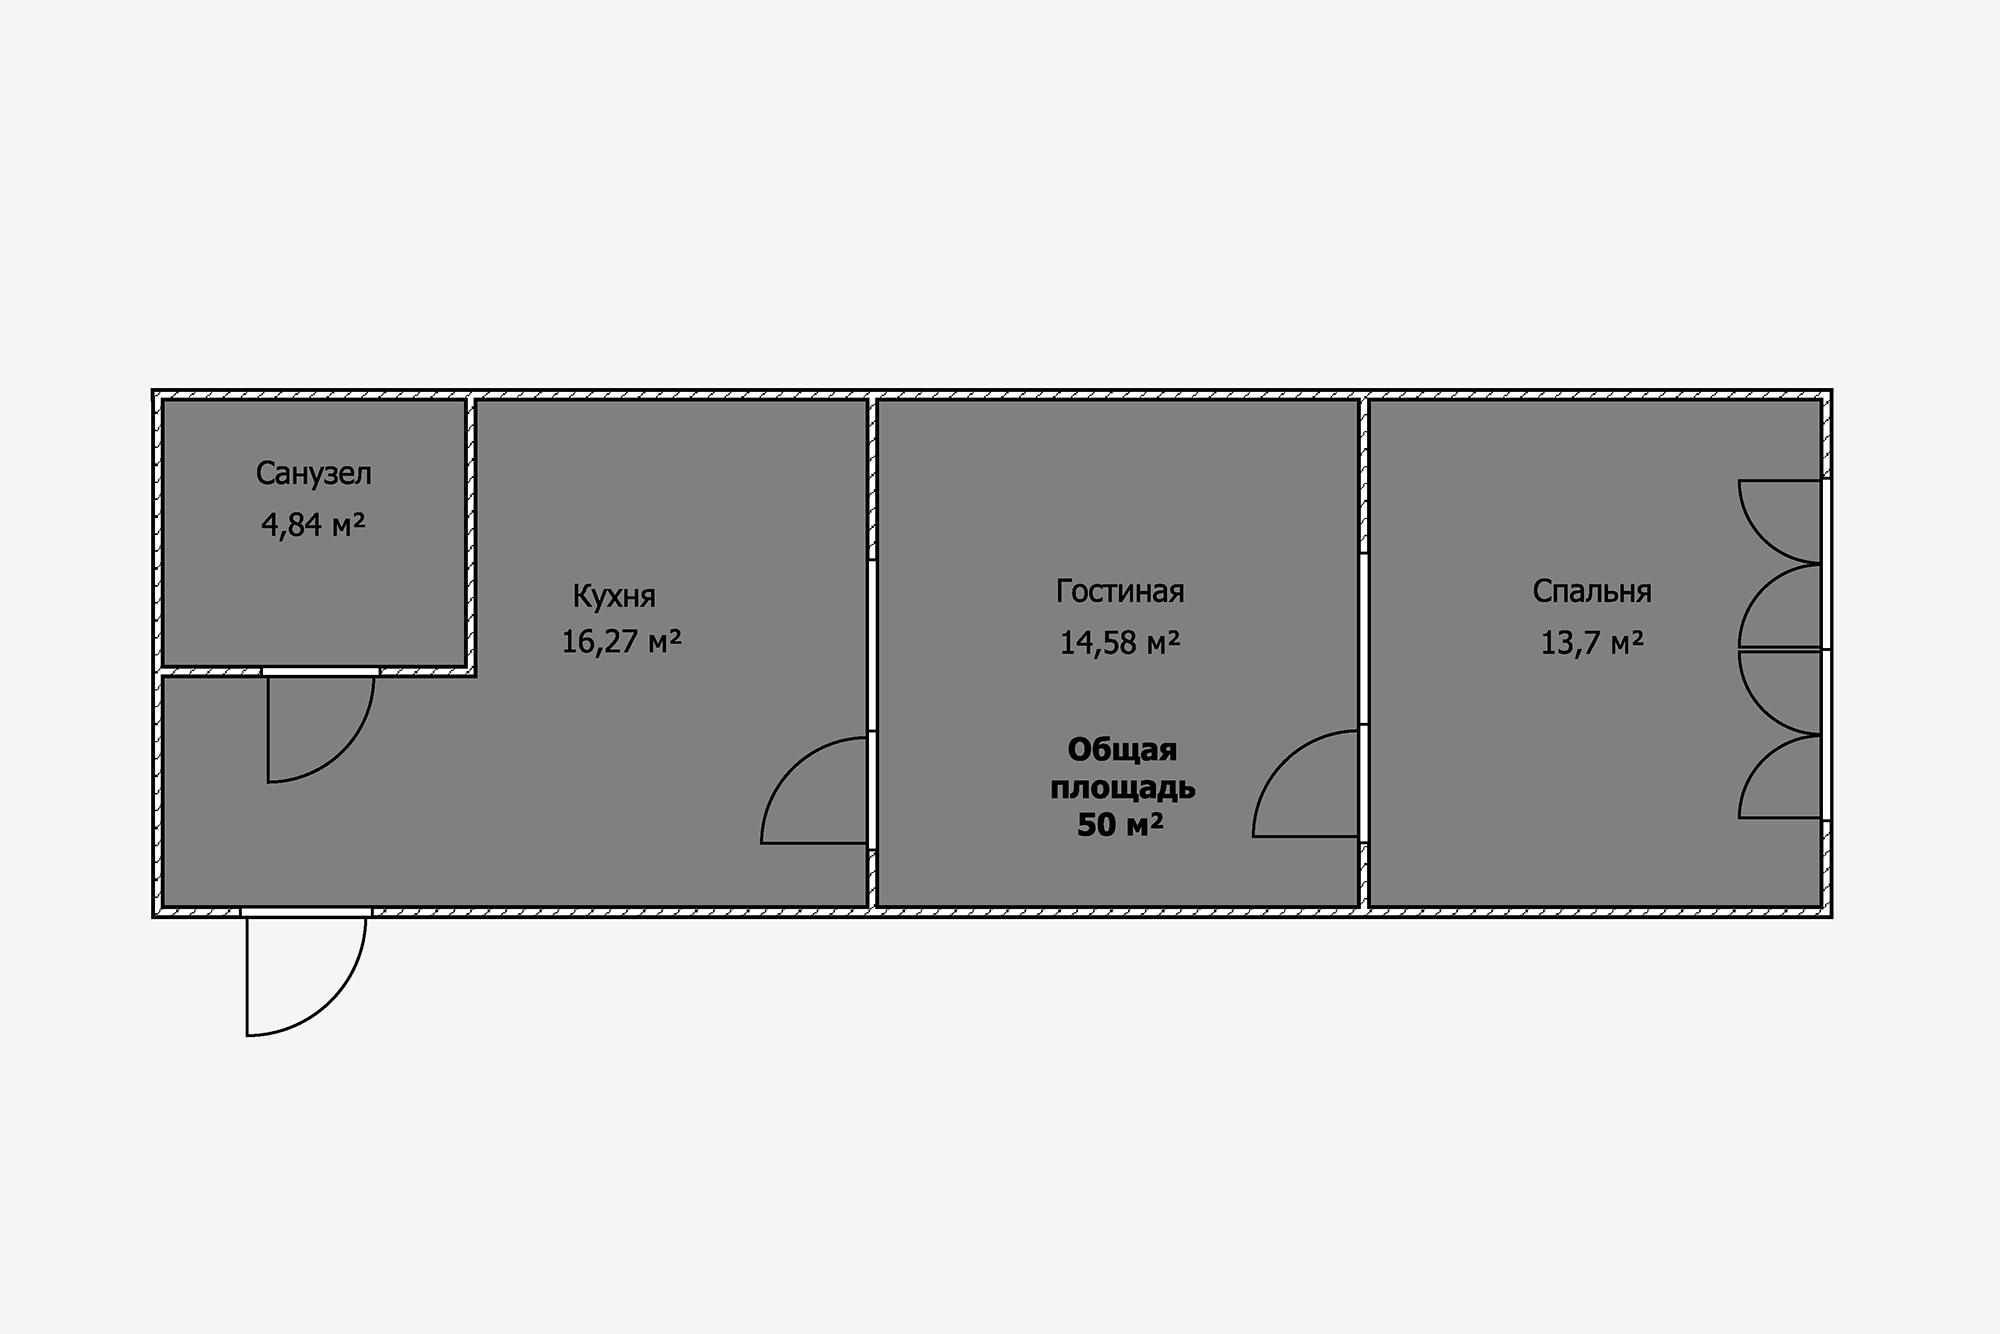 Эта планировка кажется нереальной: на50м²приходится всего одно окно, амежду комнатами полупрозрачные стены. Нотакая квартира действительно существует. Завремя работы интерьерным журналистом ничего хуже яневстречала